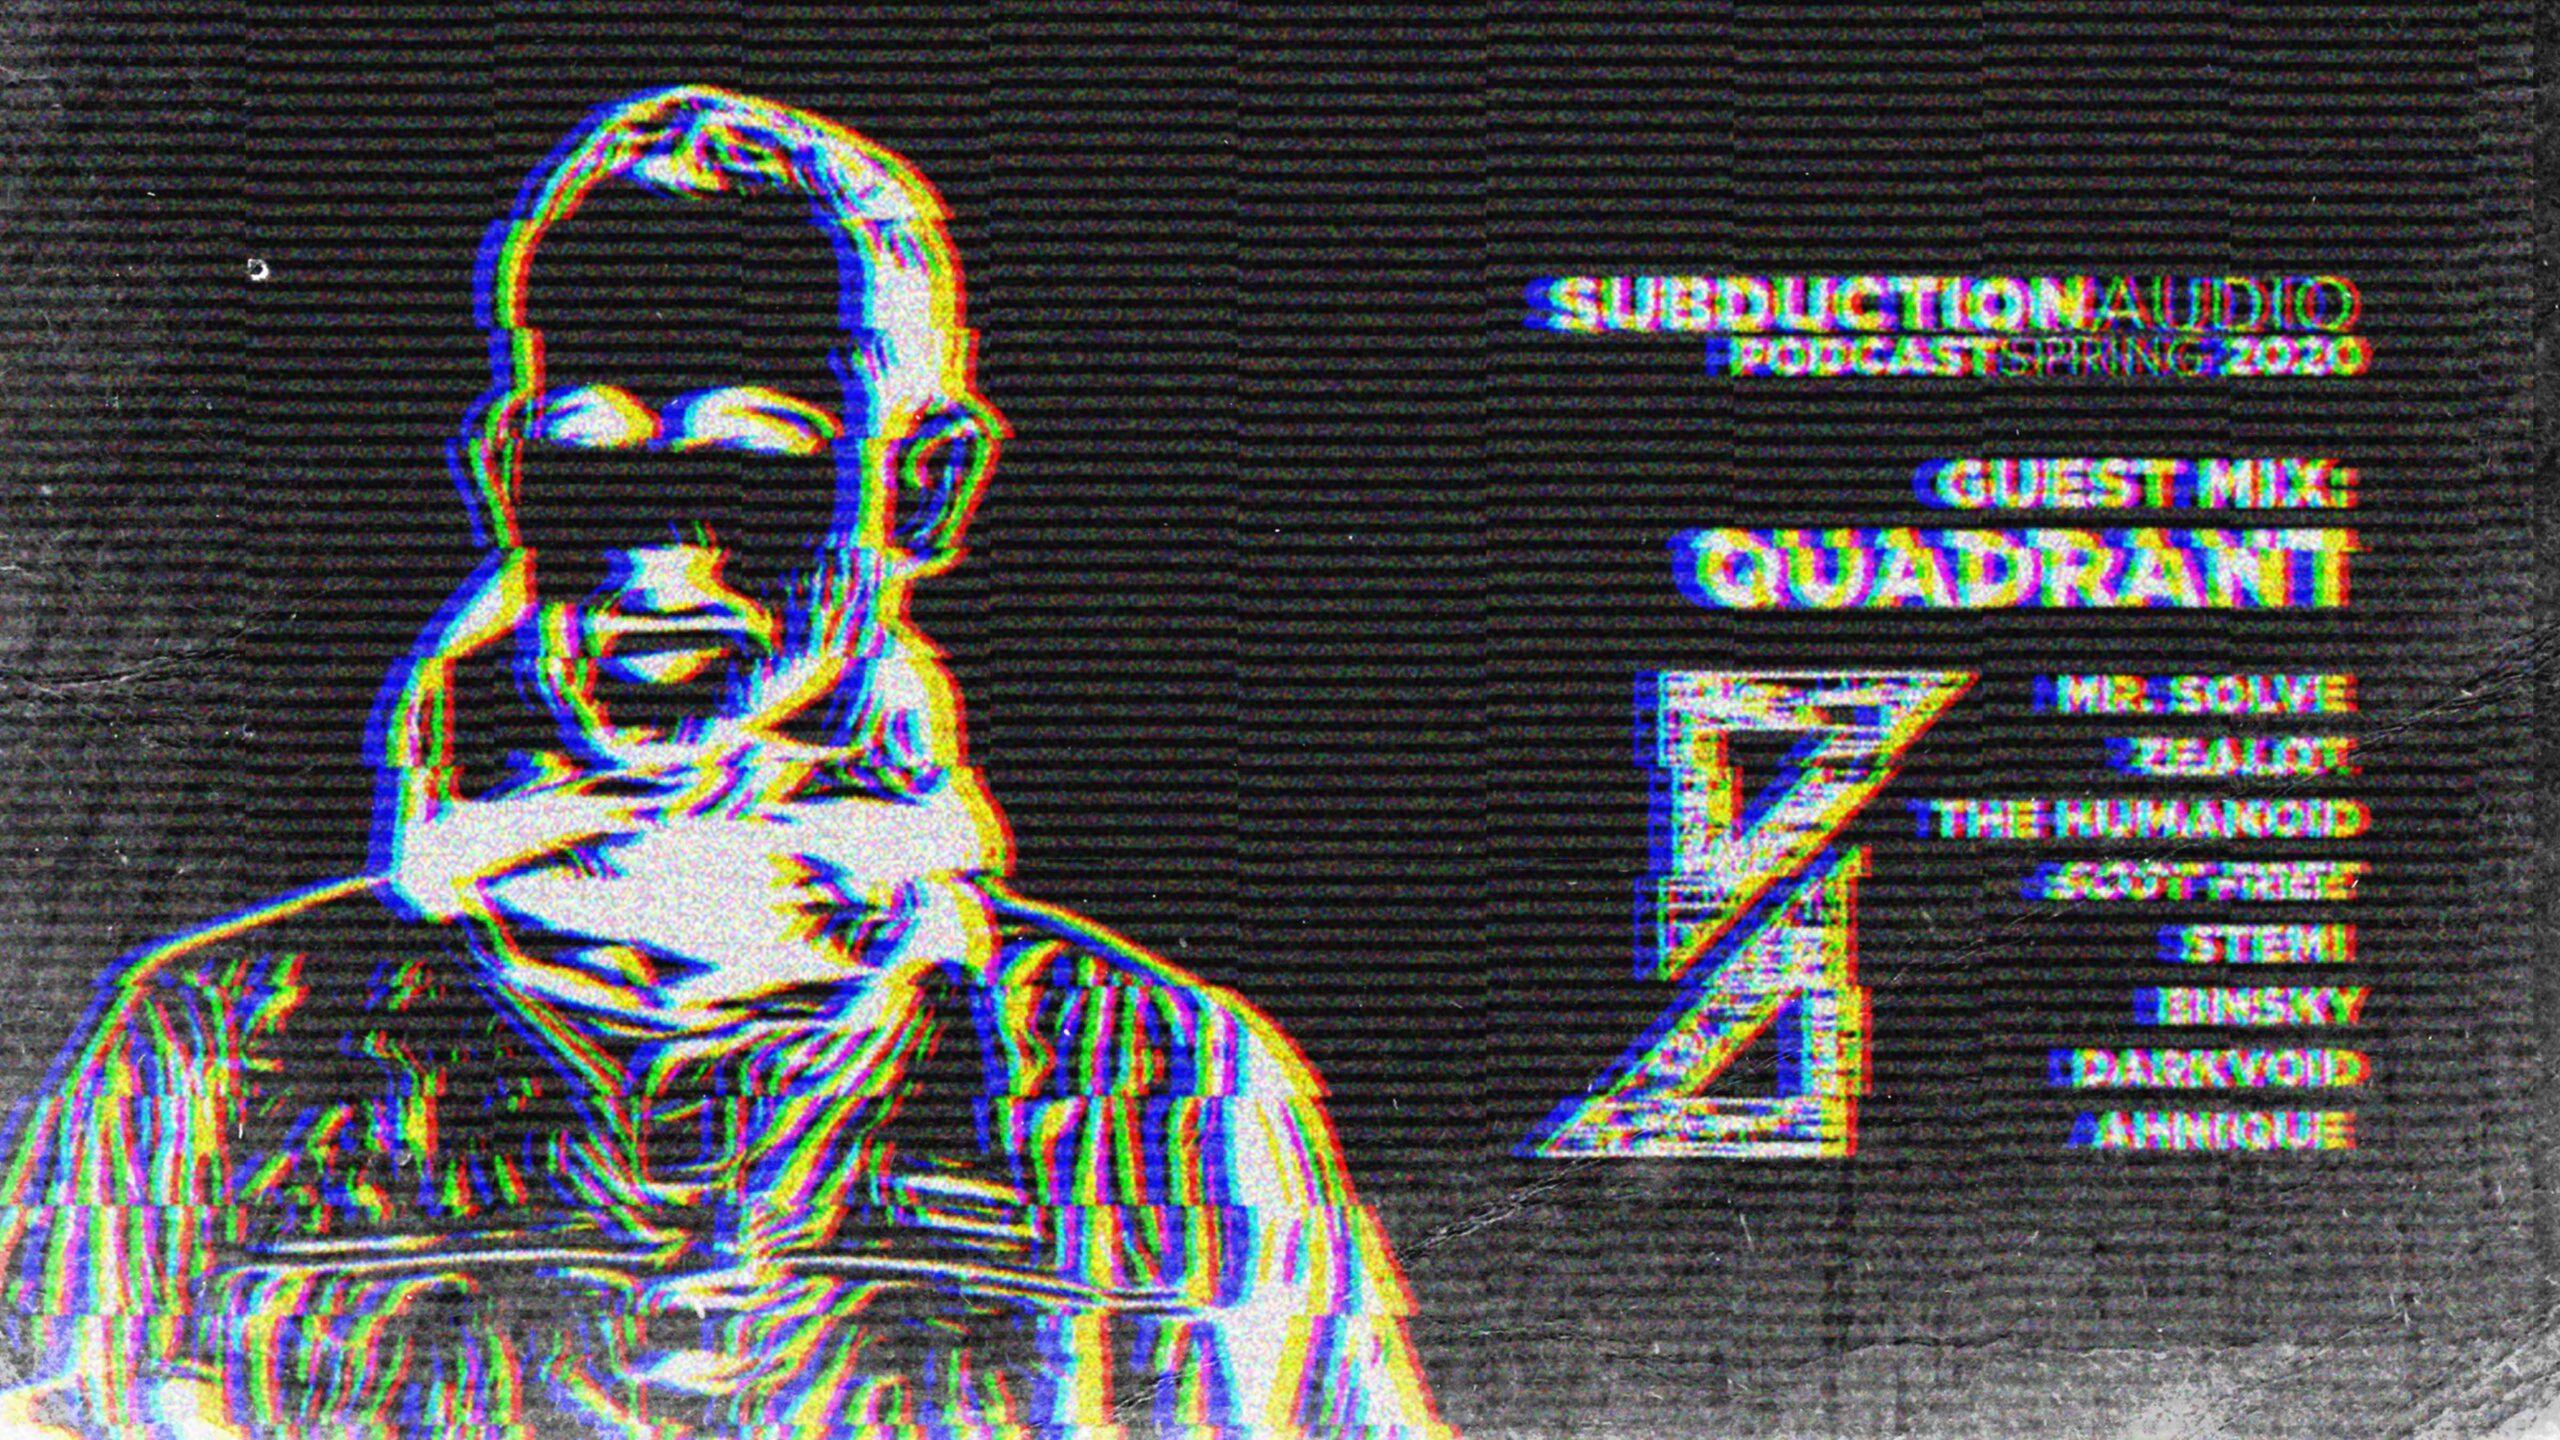 Spring 2020 Guest Mix: Quadrant